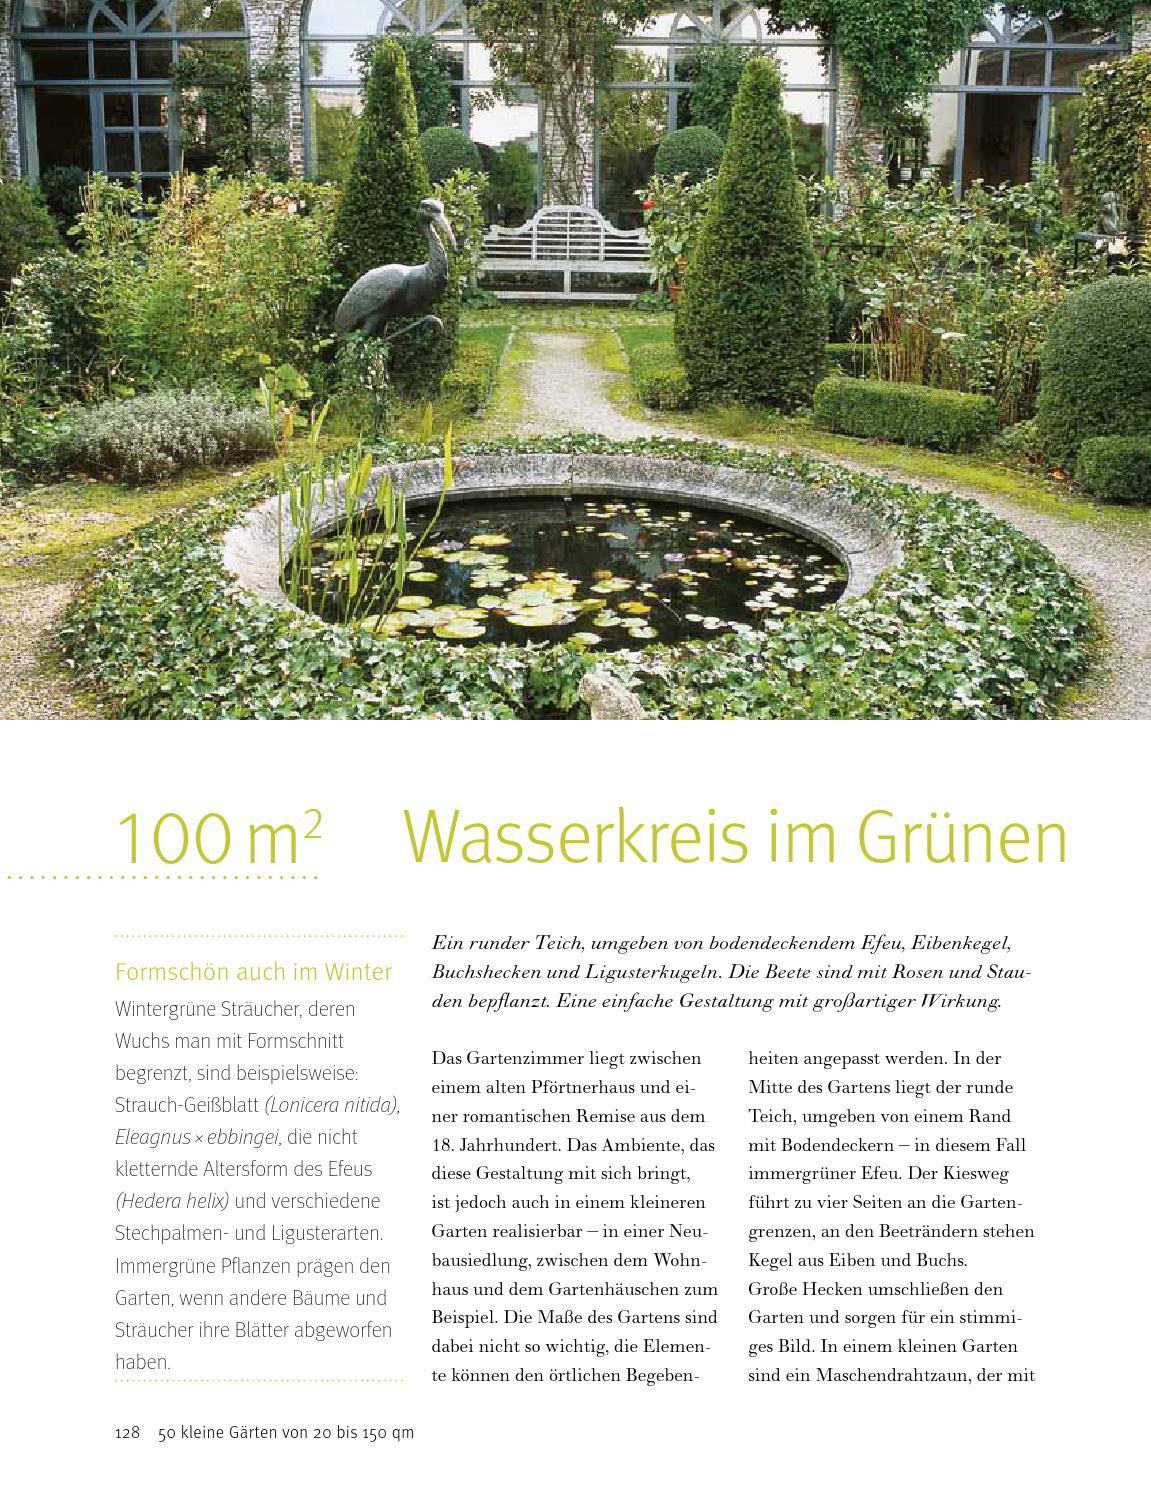 Louwerse 50 Kleine Gaerten Callwey Issuu By Georg Dw Callwey Gmbh